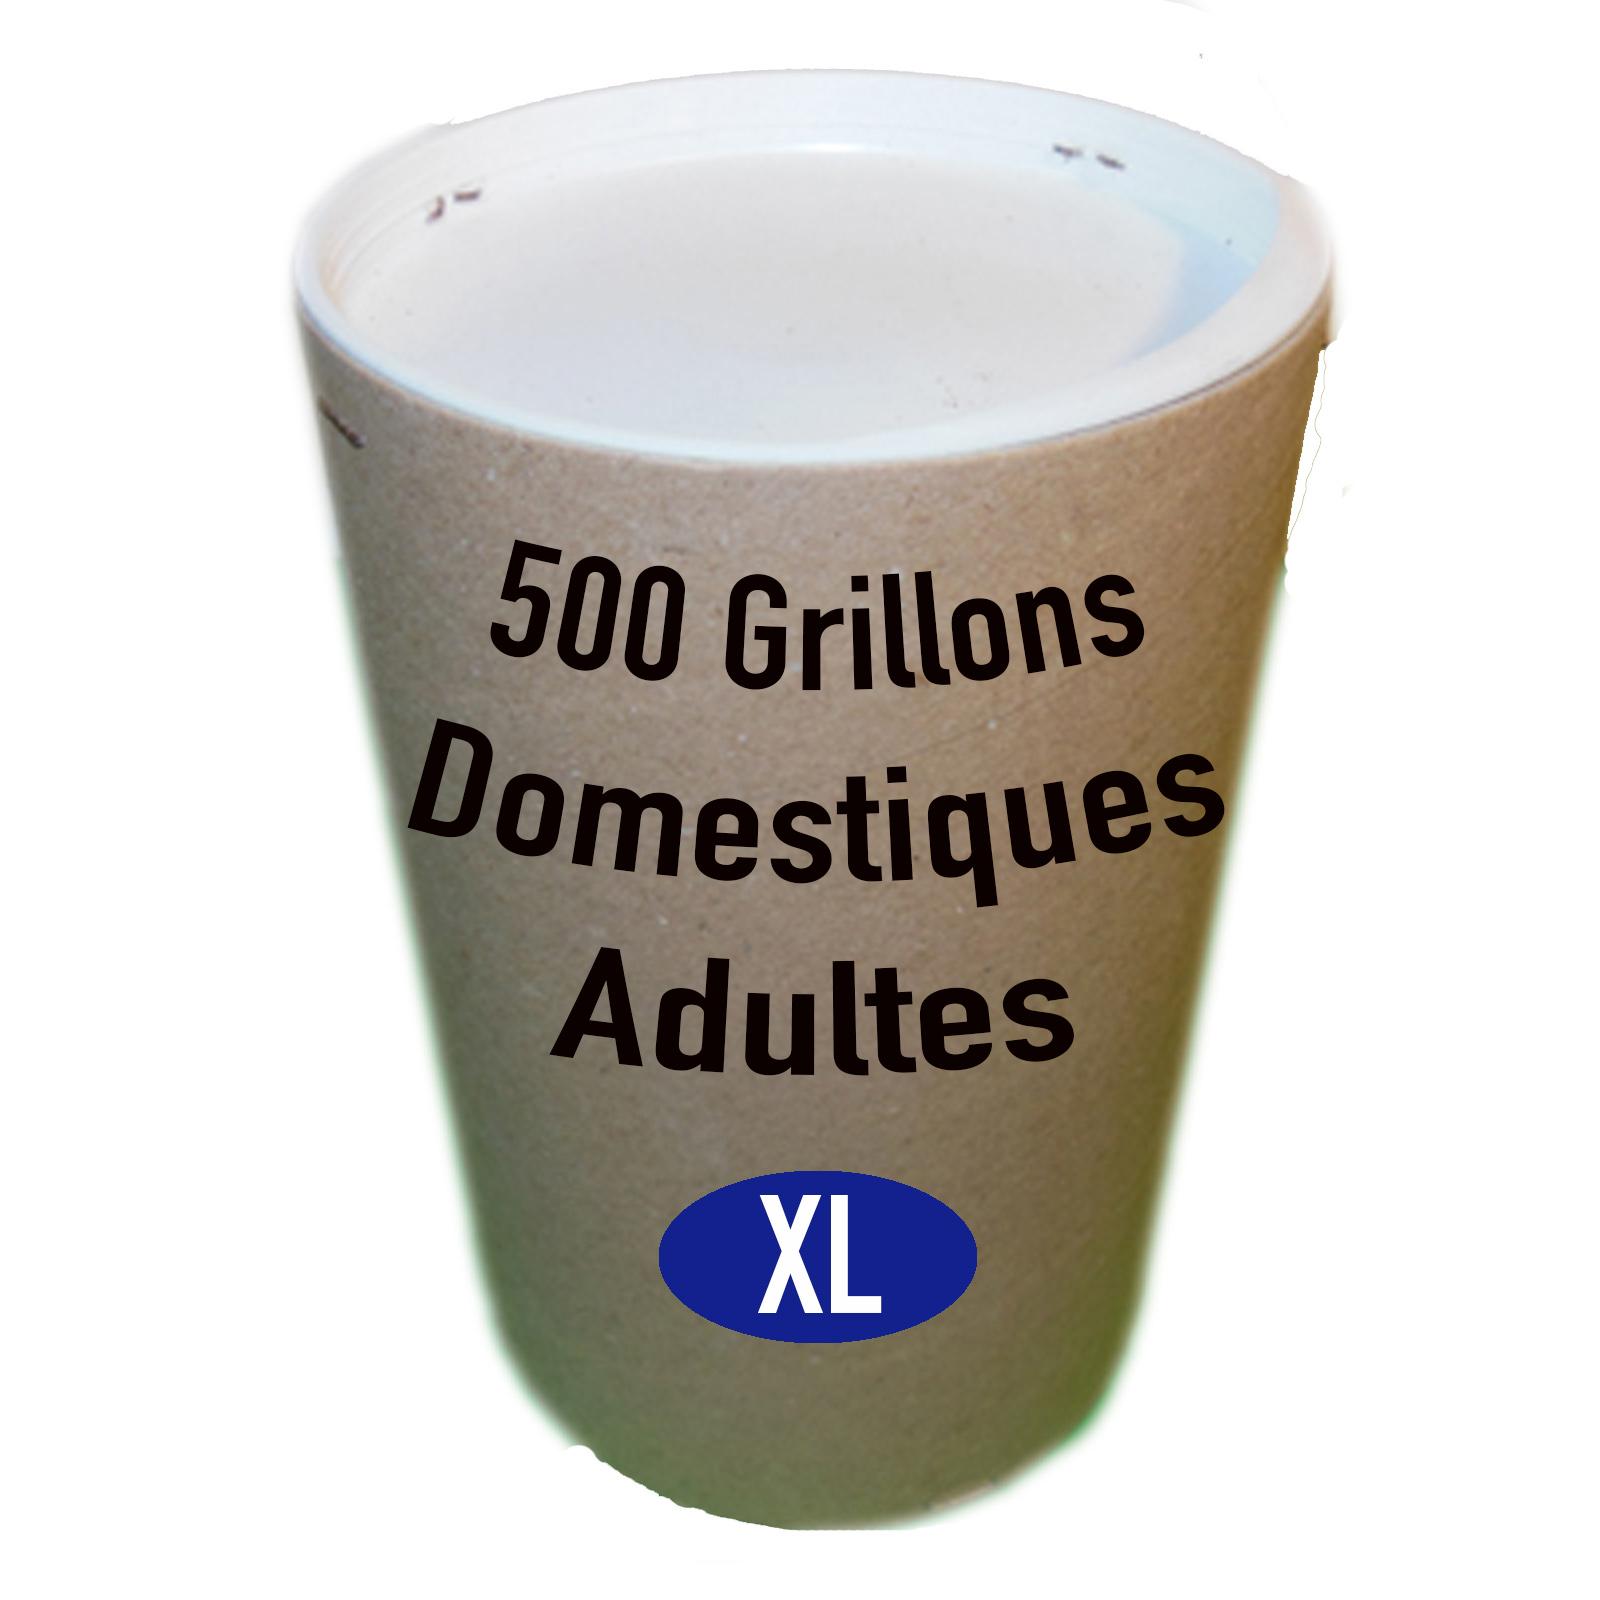 GRILLONS DOMESTIQUES ADULTES PAR 500